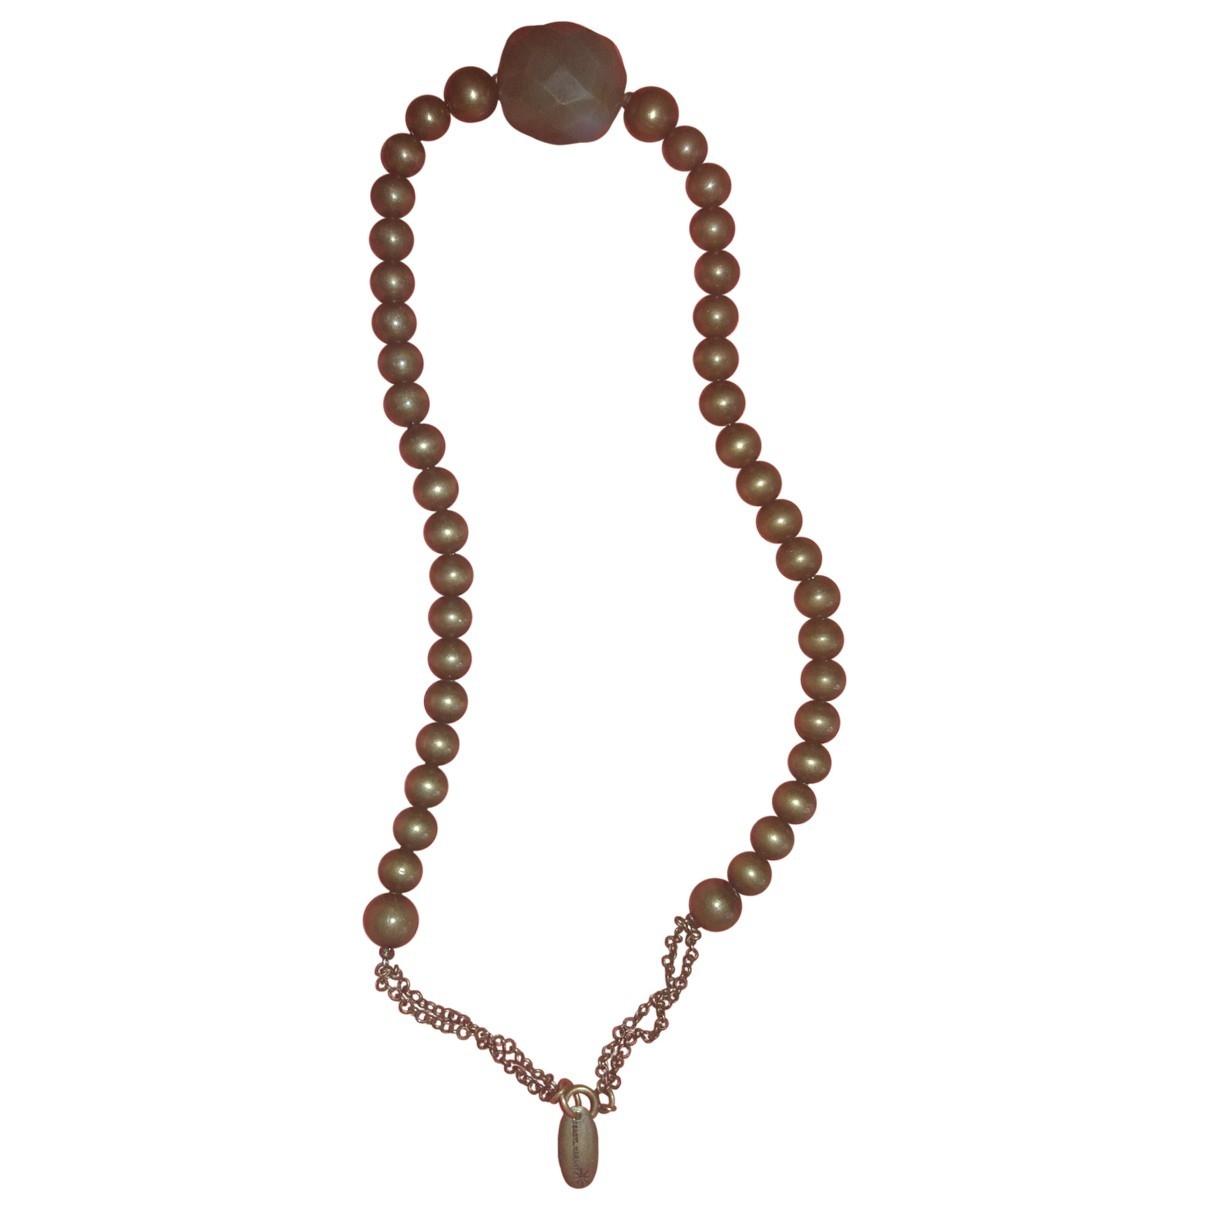 Isabel Marant - Collier   pour femme en perle - kaki